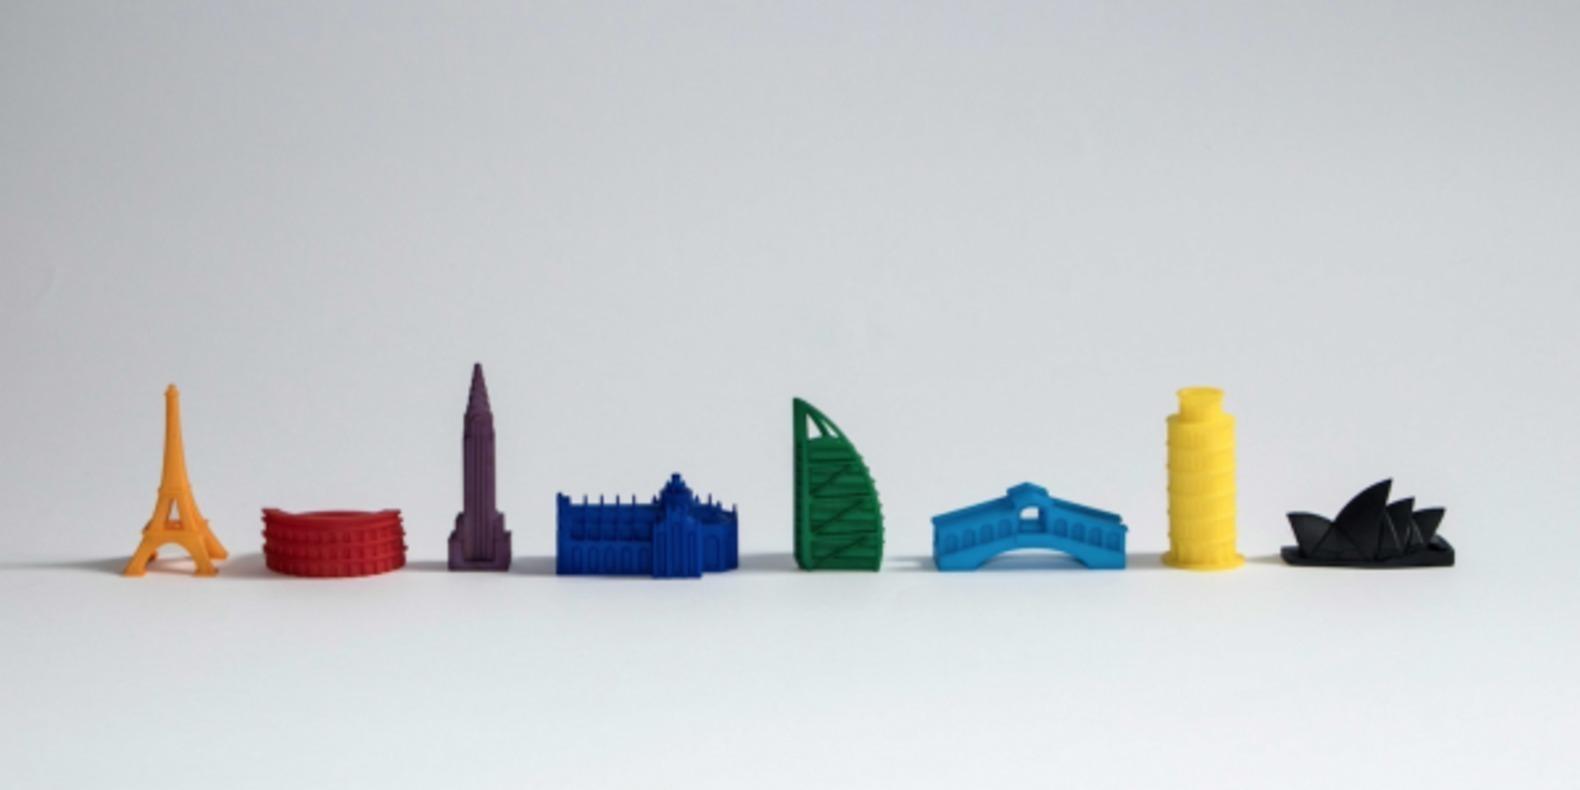 porte-cles-fichier-3d-cults-davide-chiesa-monuments-3